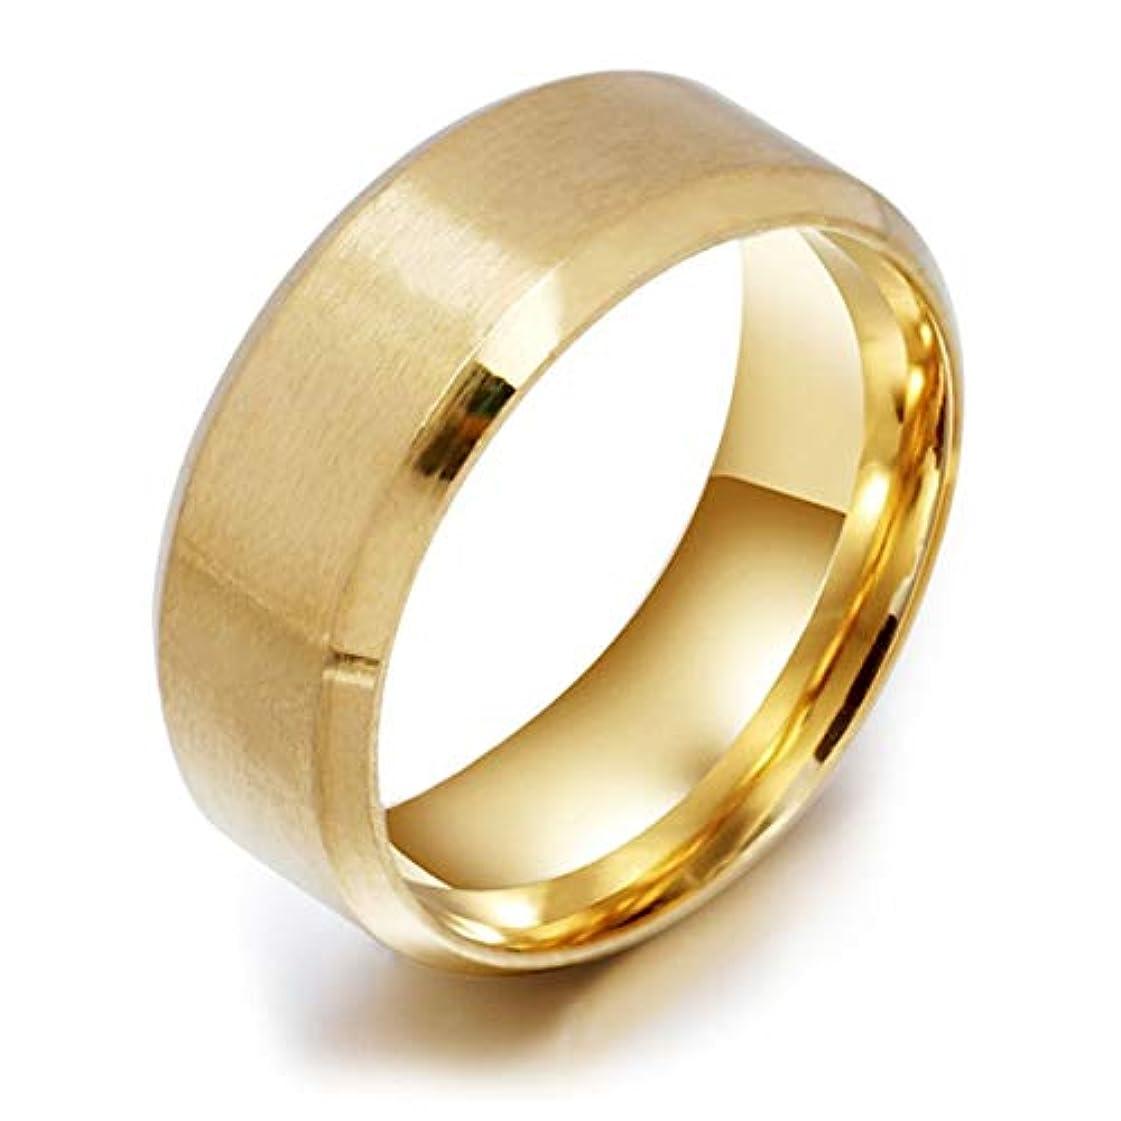 ブラウズ伝導率バドミントンIntercoreyステンレス鋼医療指輪クリエイティブ磁気減量リングジュエリー